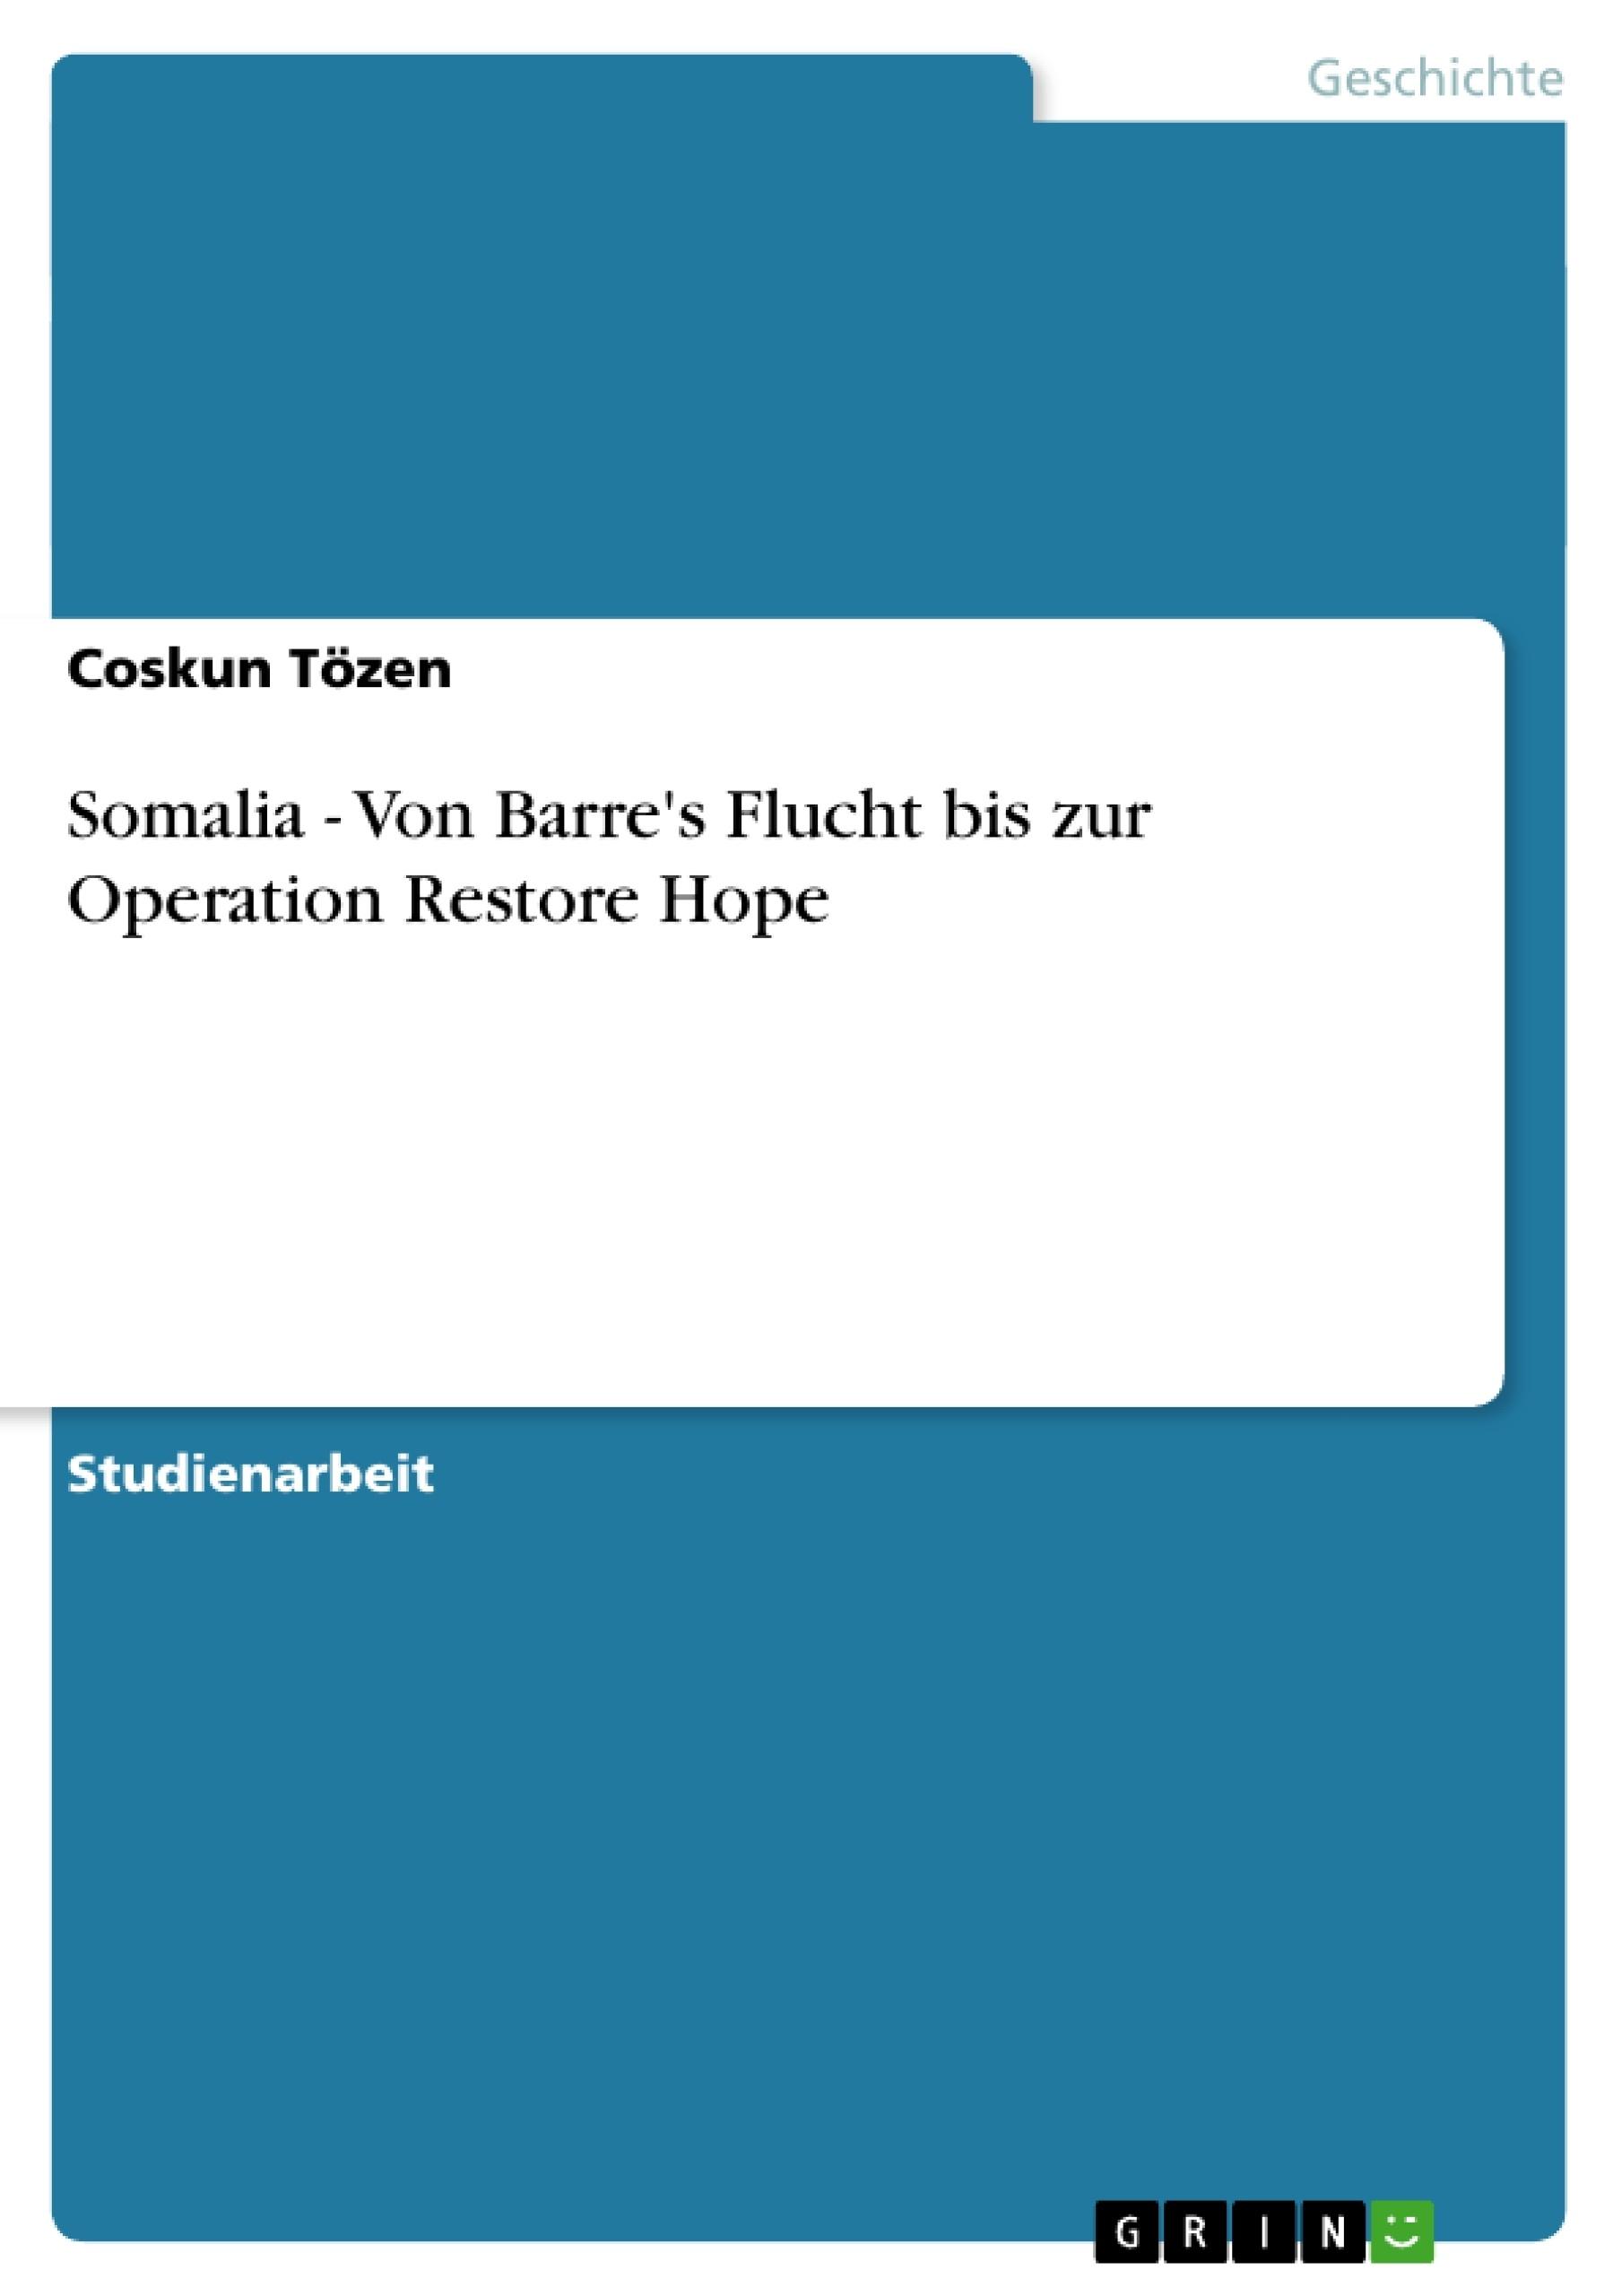 Titel: Somalia - Von Barre's Flucht bis zur Operation Restore Hope